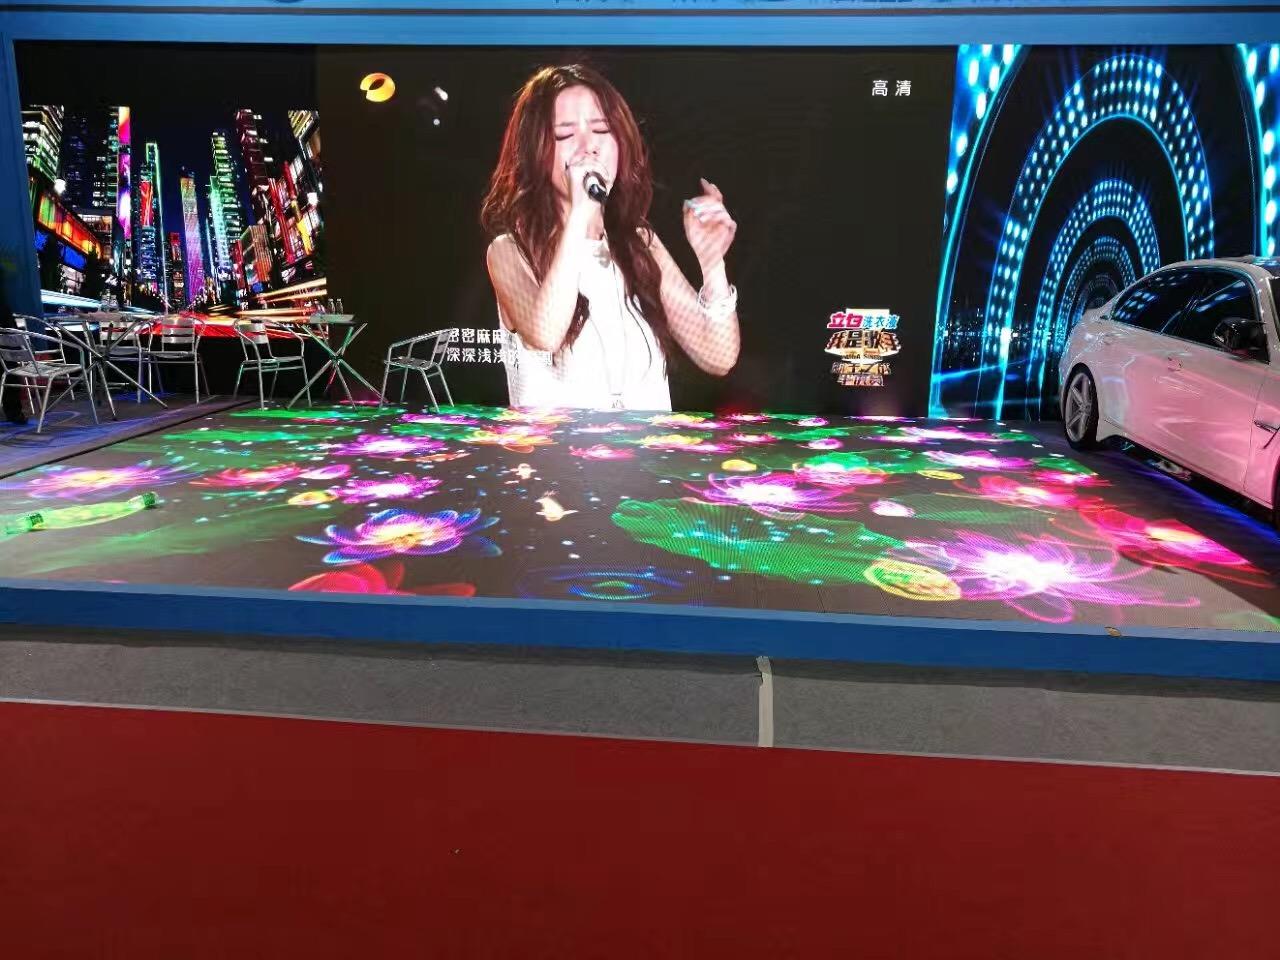 广东LED显示屏厂家 深圳显示屏厂家 广东室内显示屏